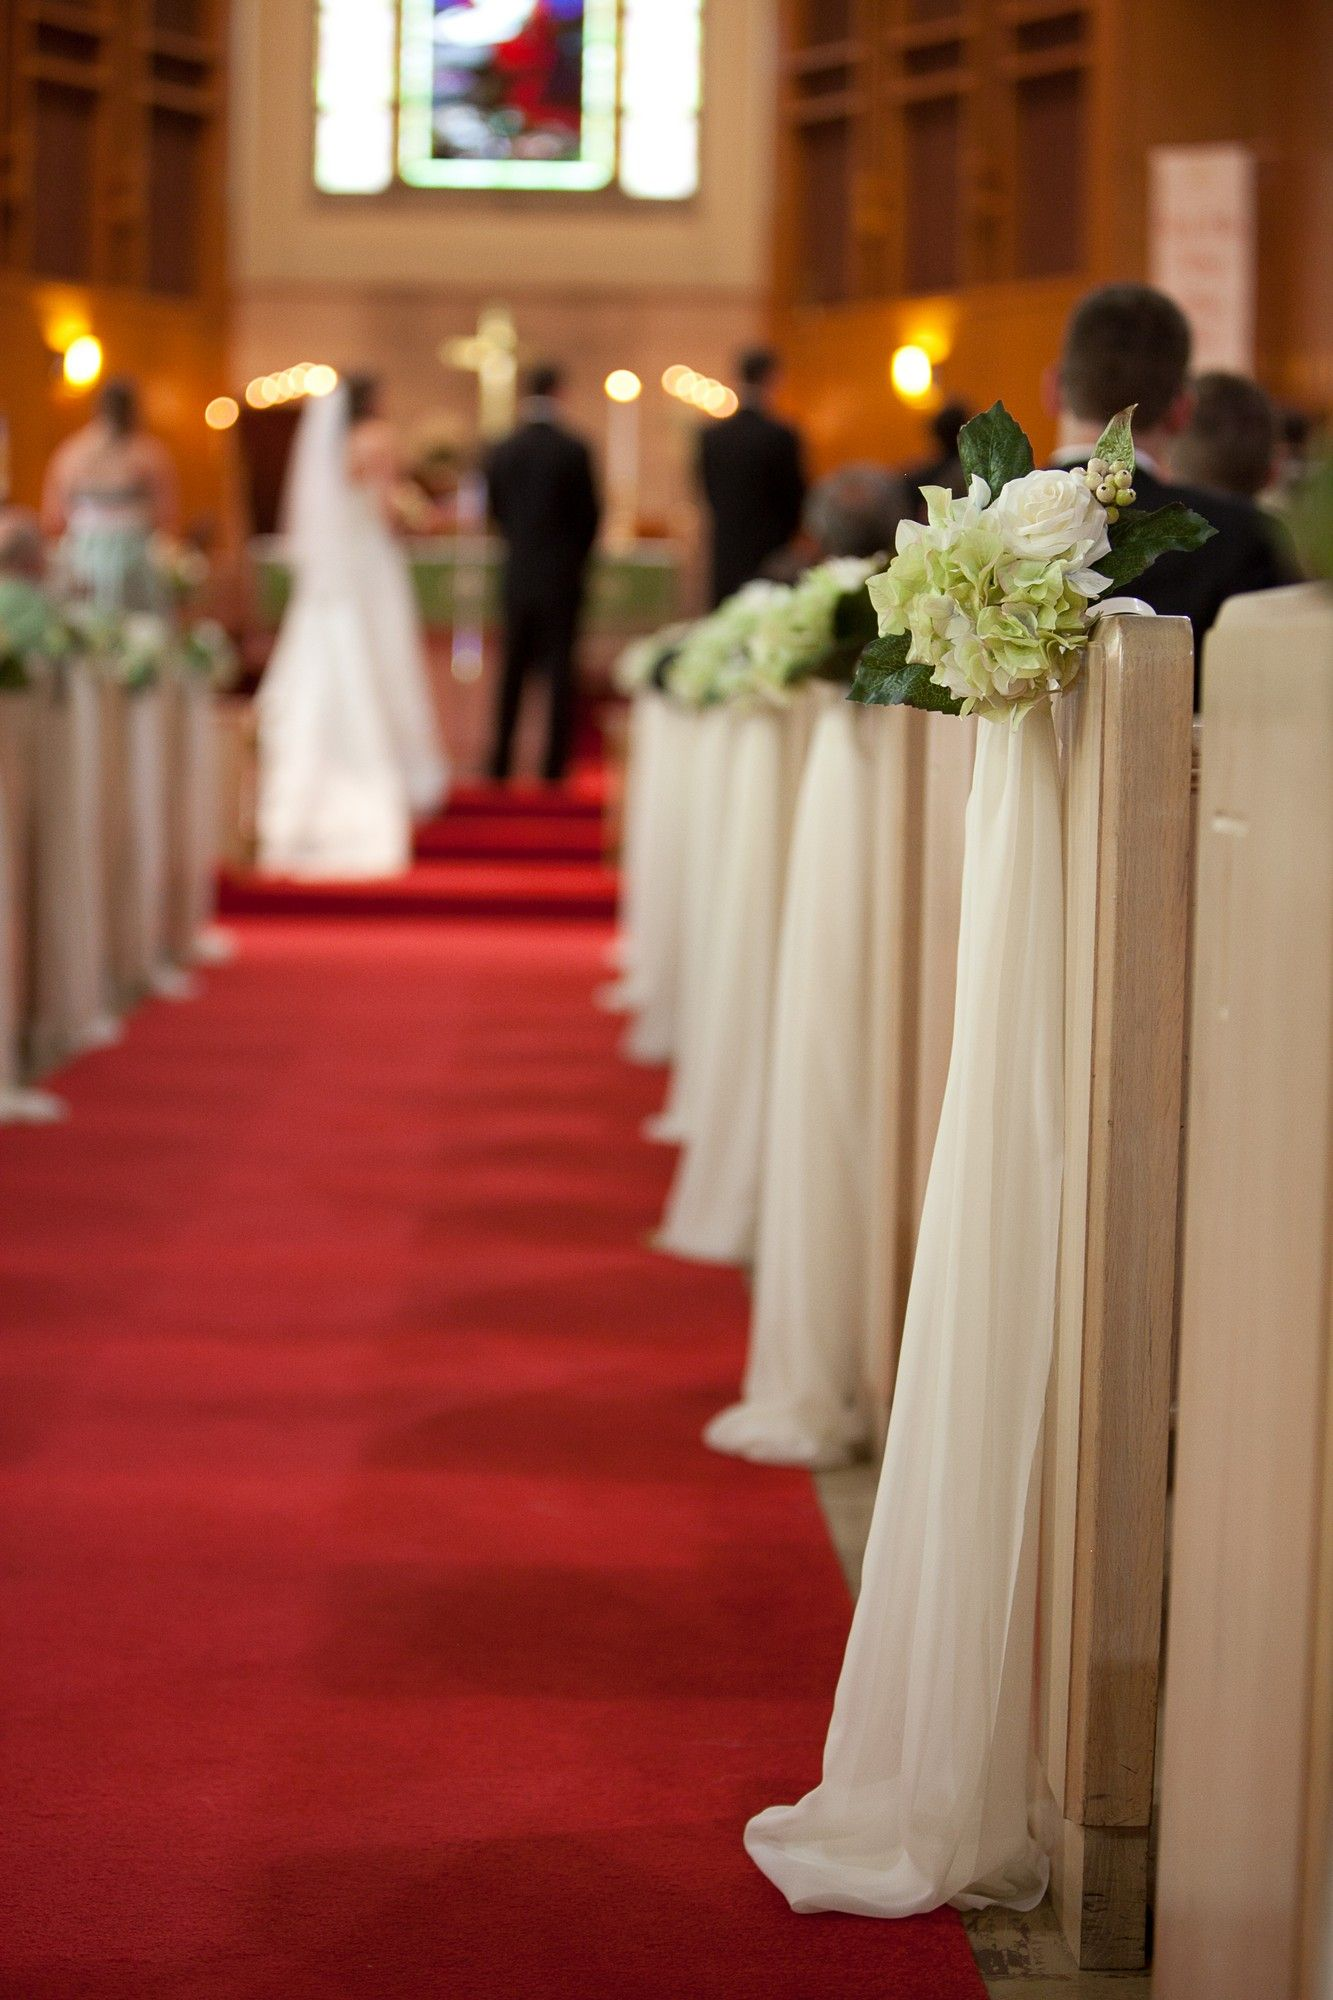 Church Wedding Decorations Simple Pew